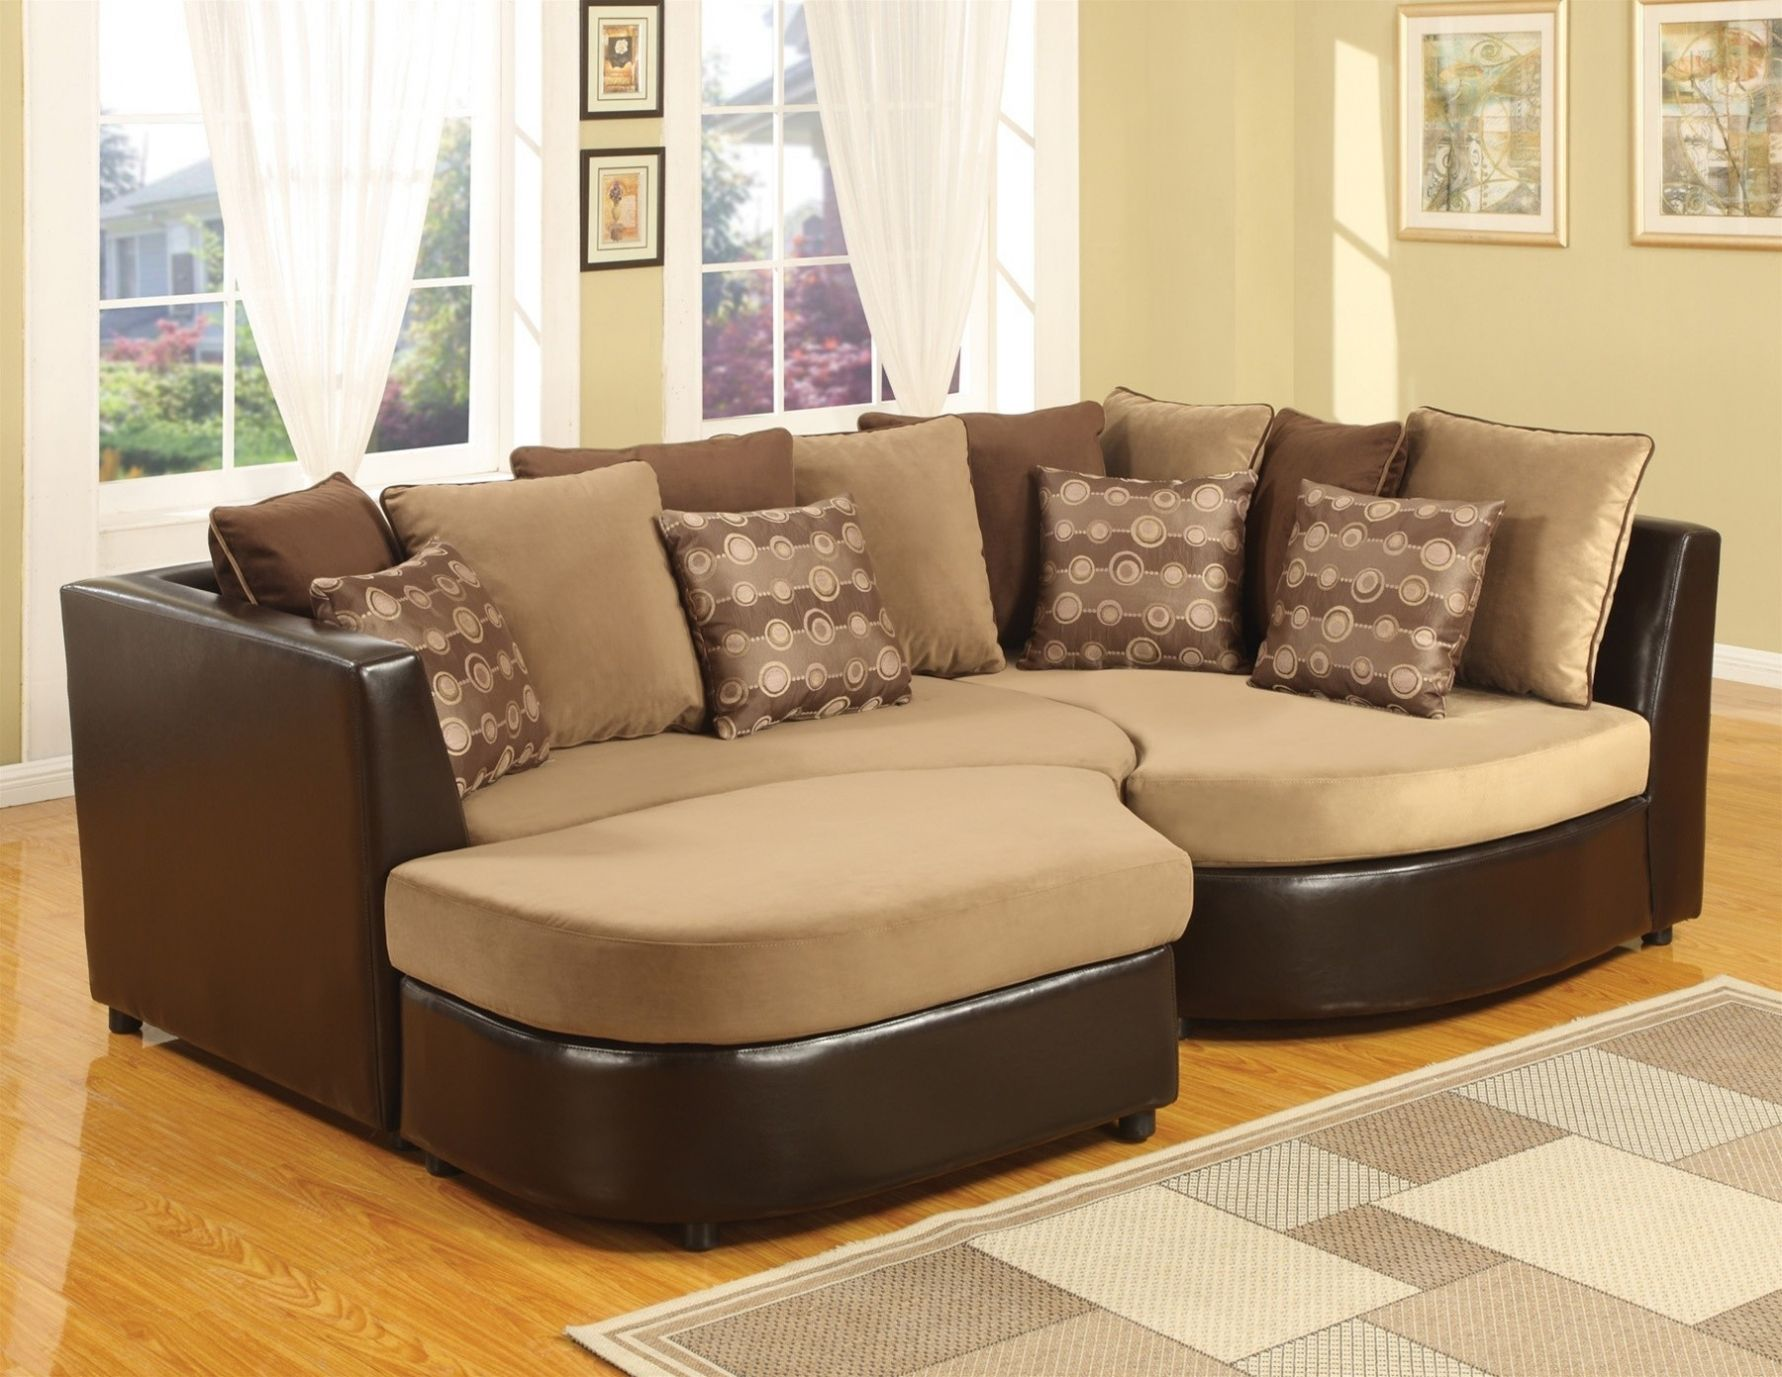 Best Oversized Living Room Chair Oversized Sectional Sofa Sectional Sofa Comfy Large Sectional Sofa